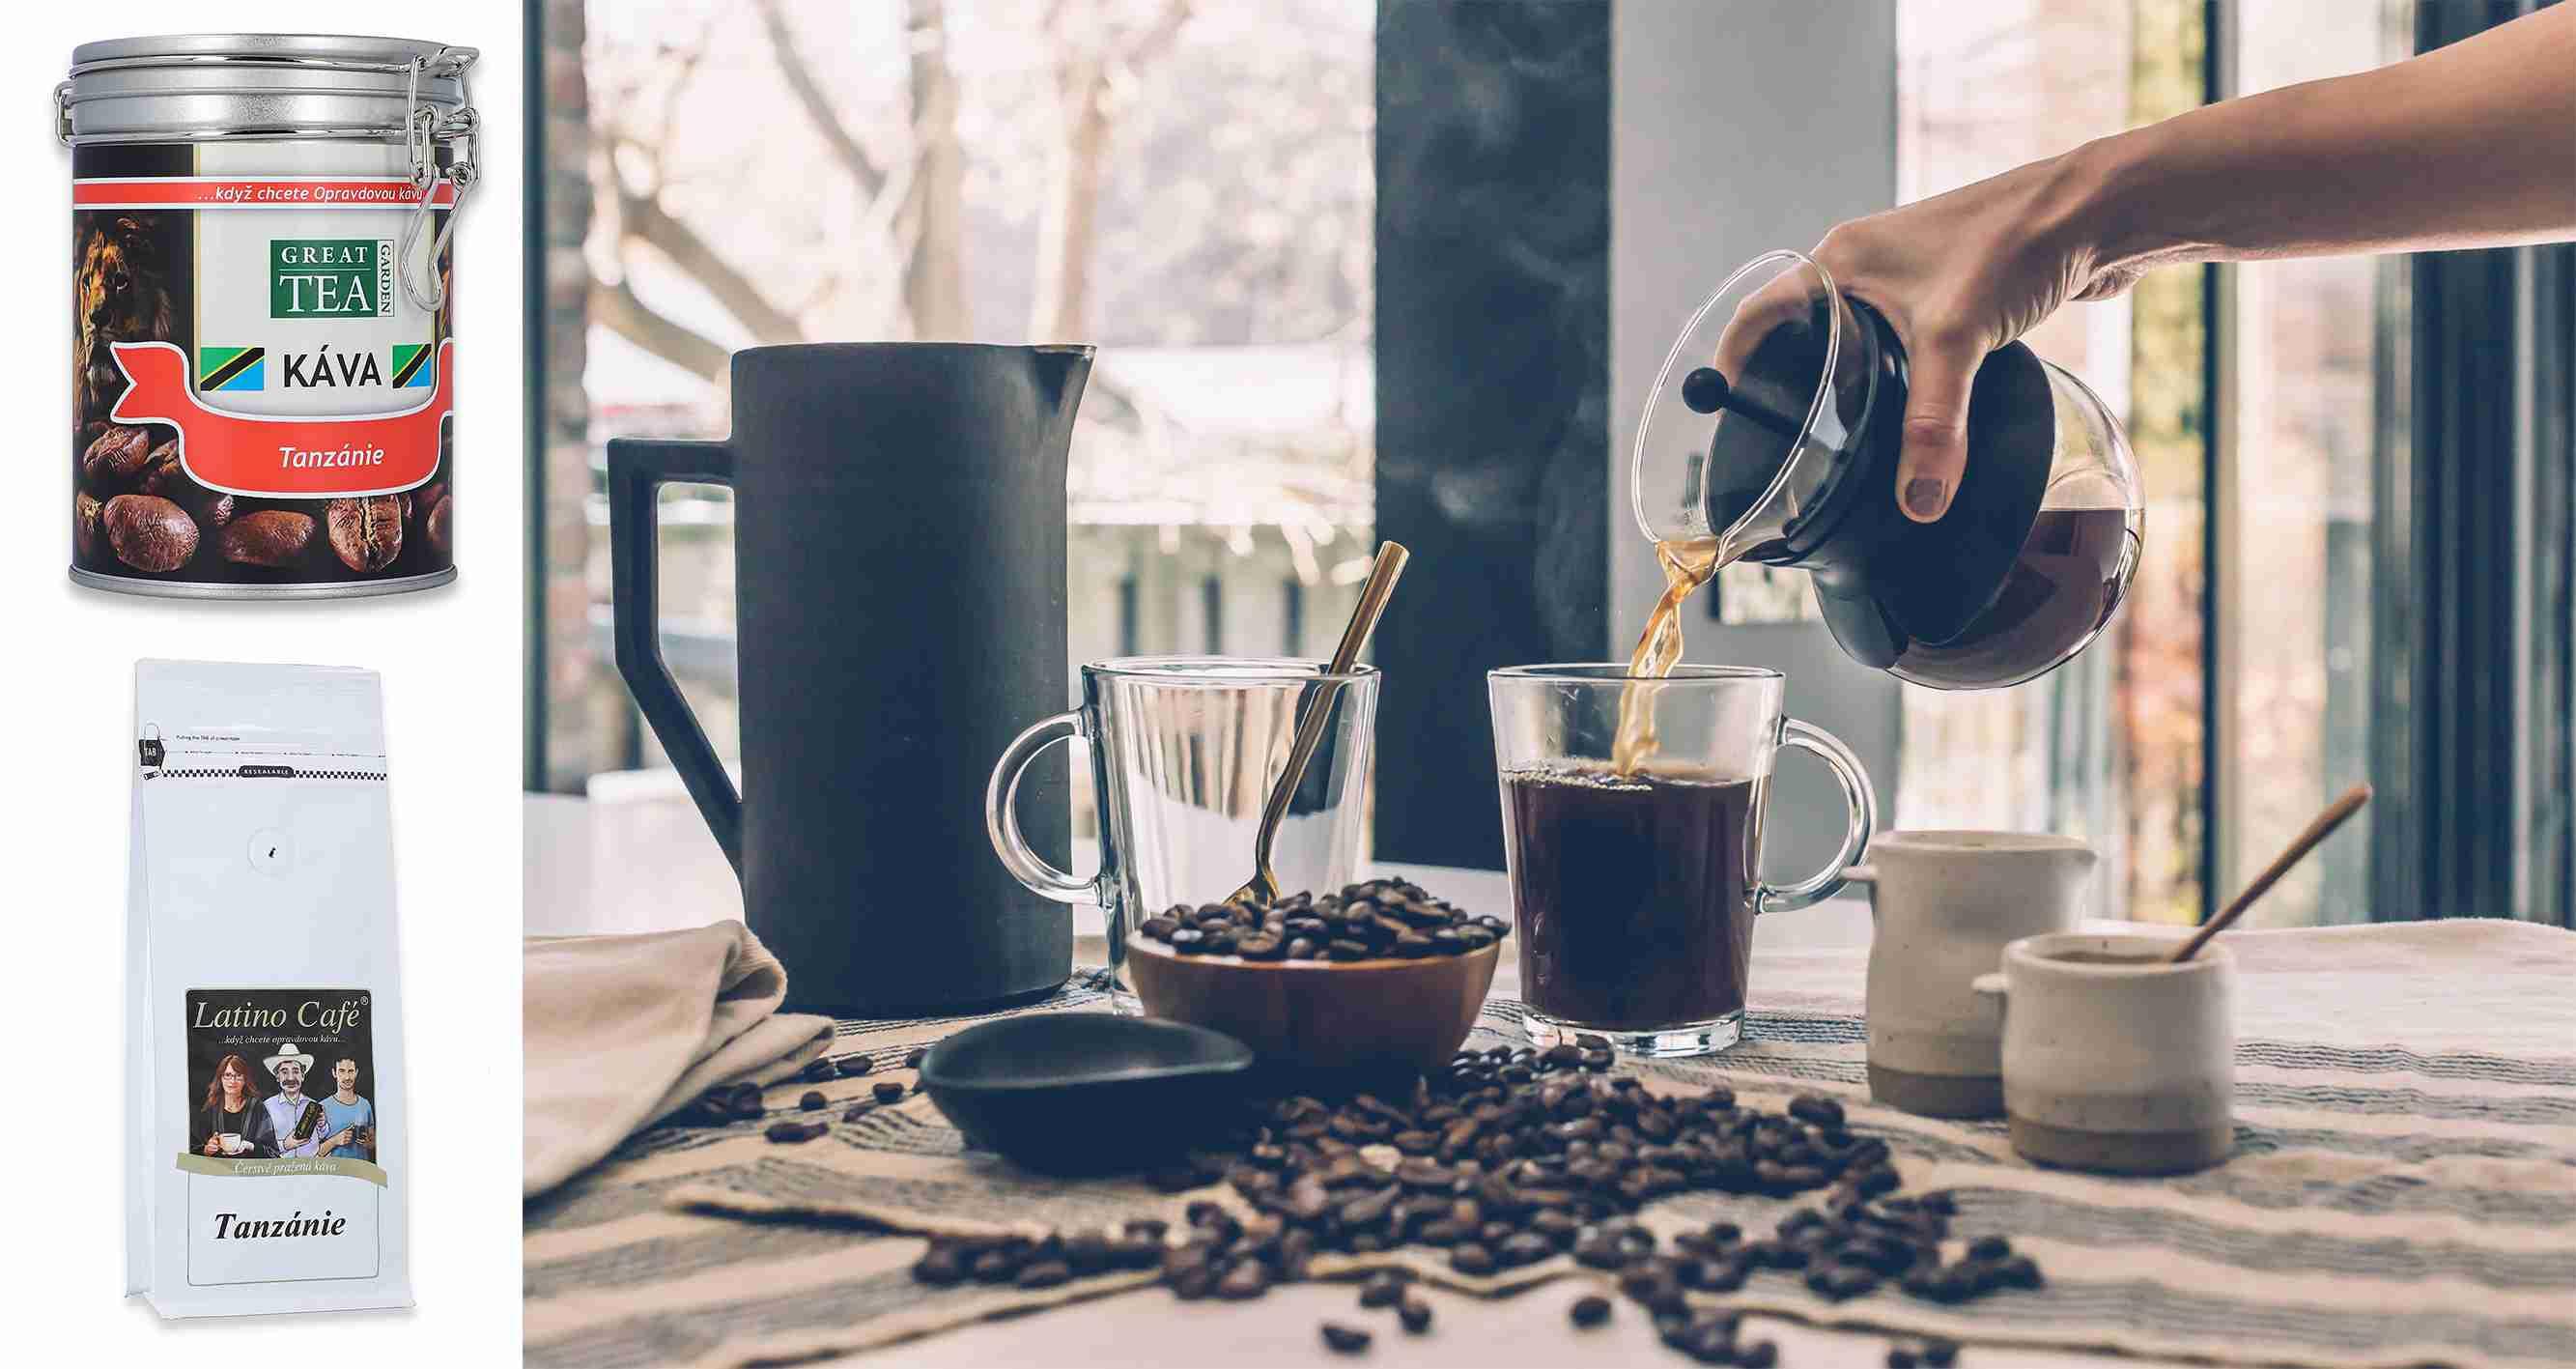 Tanzanie - Lahodná káva z východní Afriky